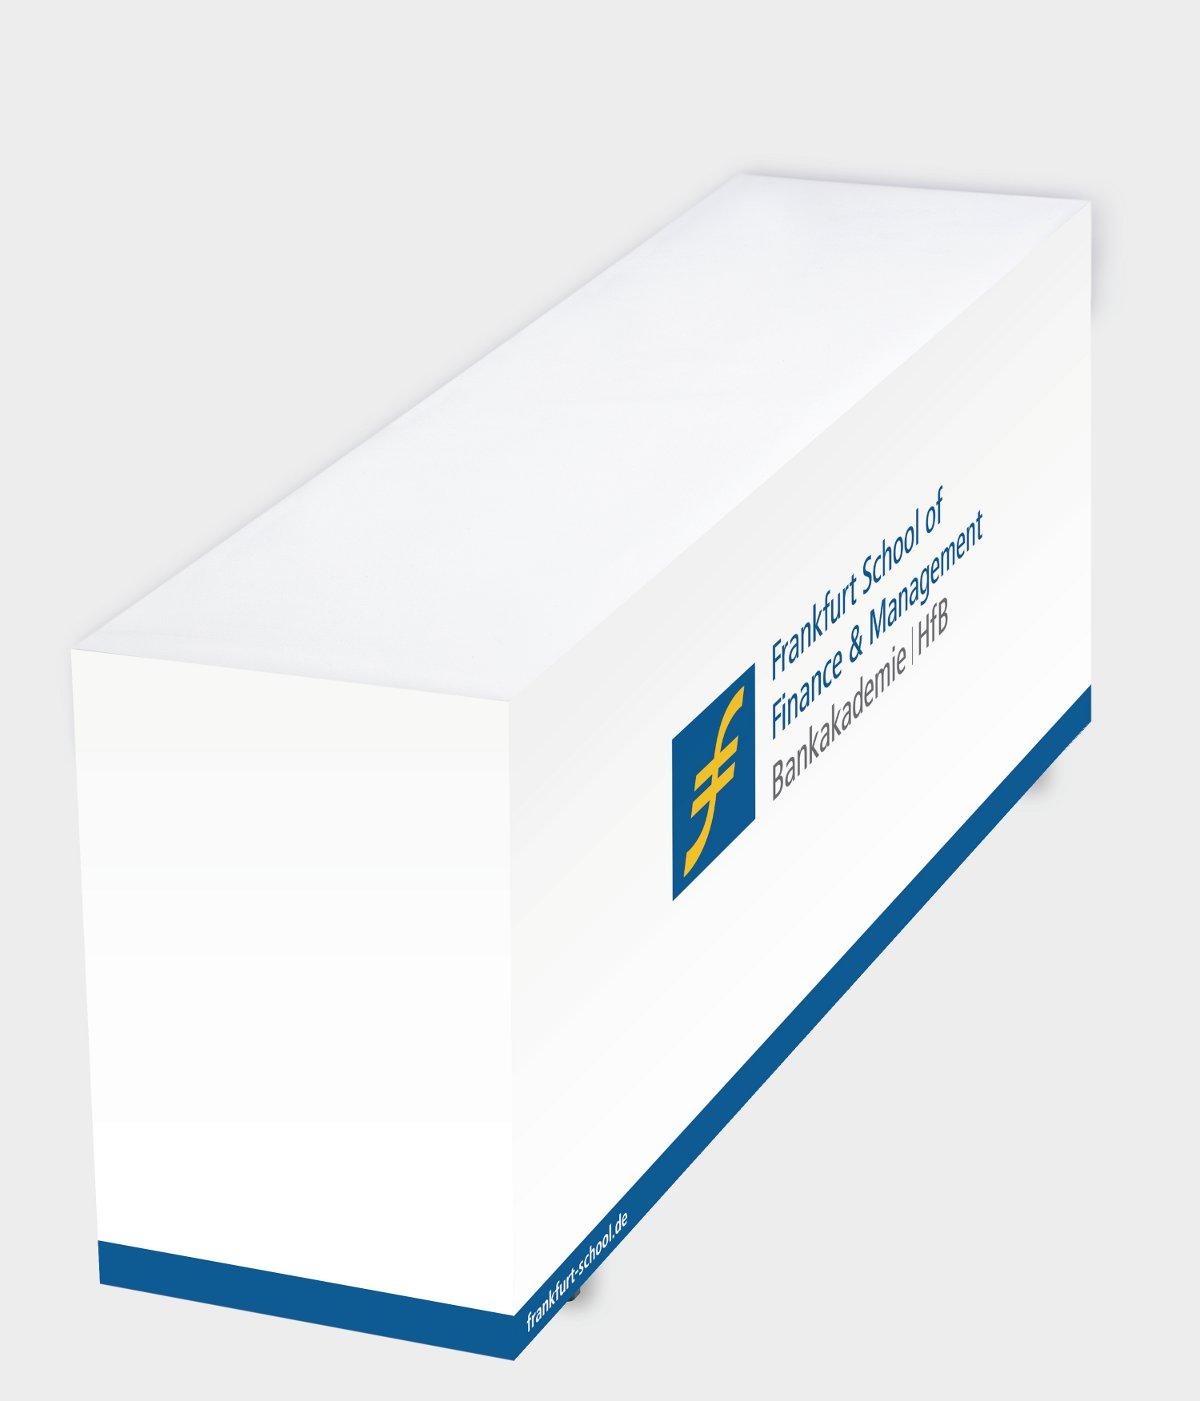 skirting, Papier, Präsentationstisch, Banketttisch, individuell, bedruckt